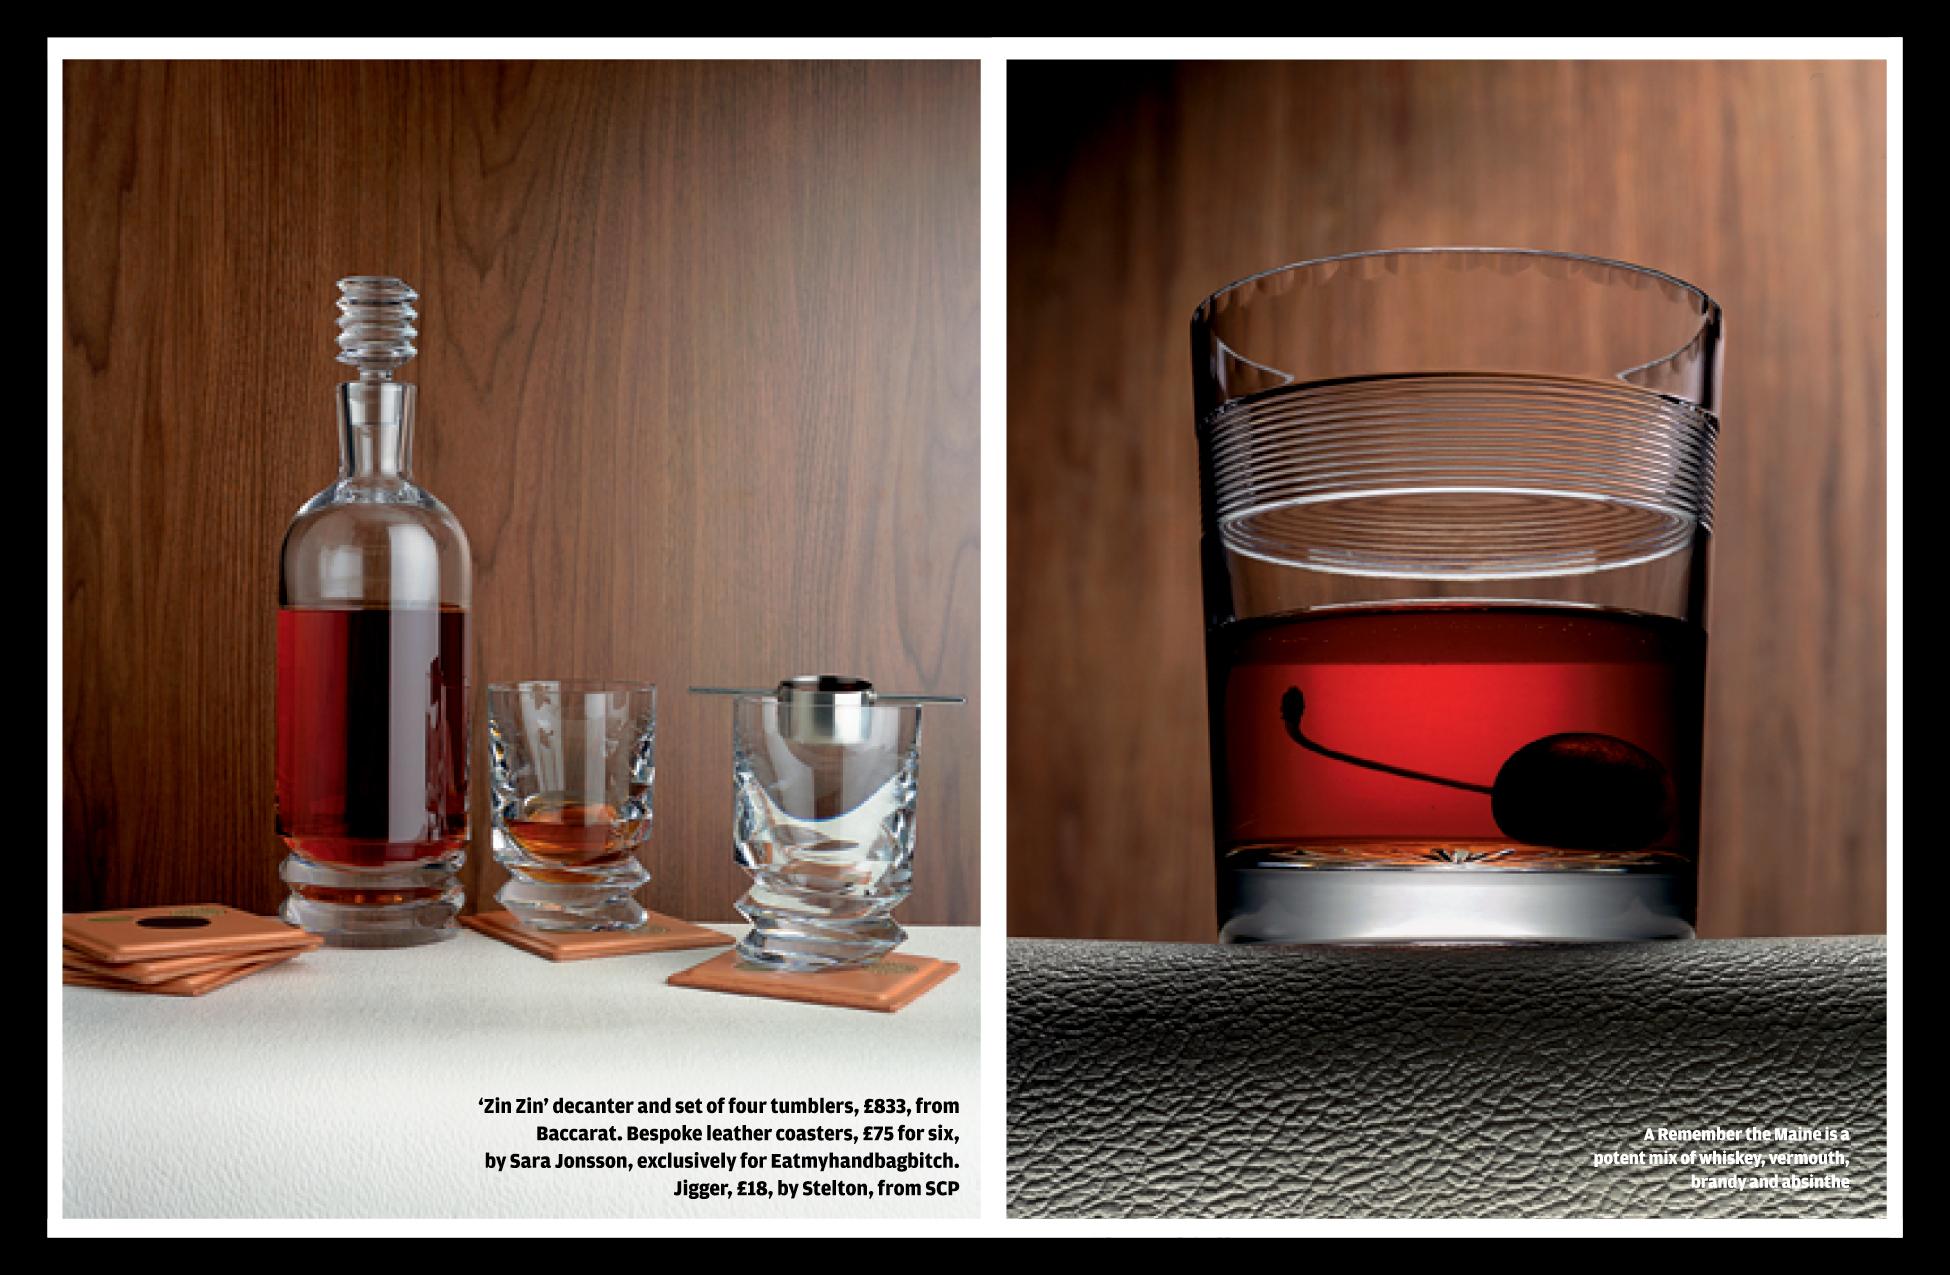 Wallpaper* Food+Drink4.jpg